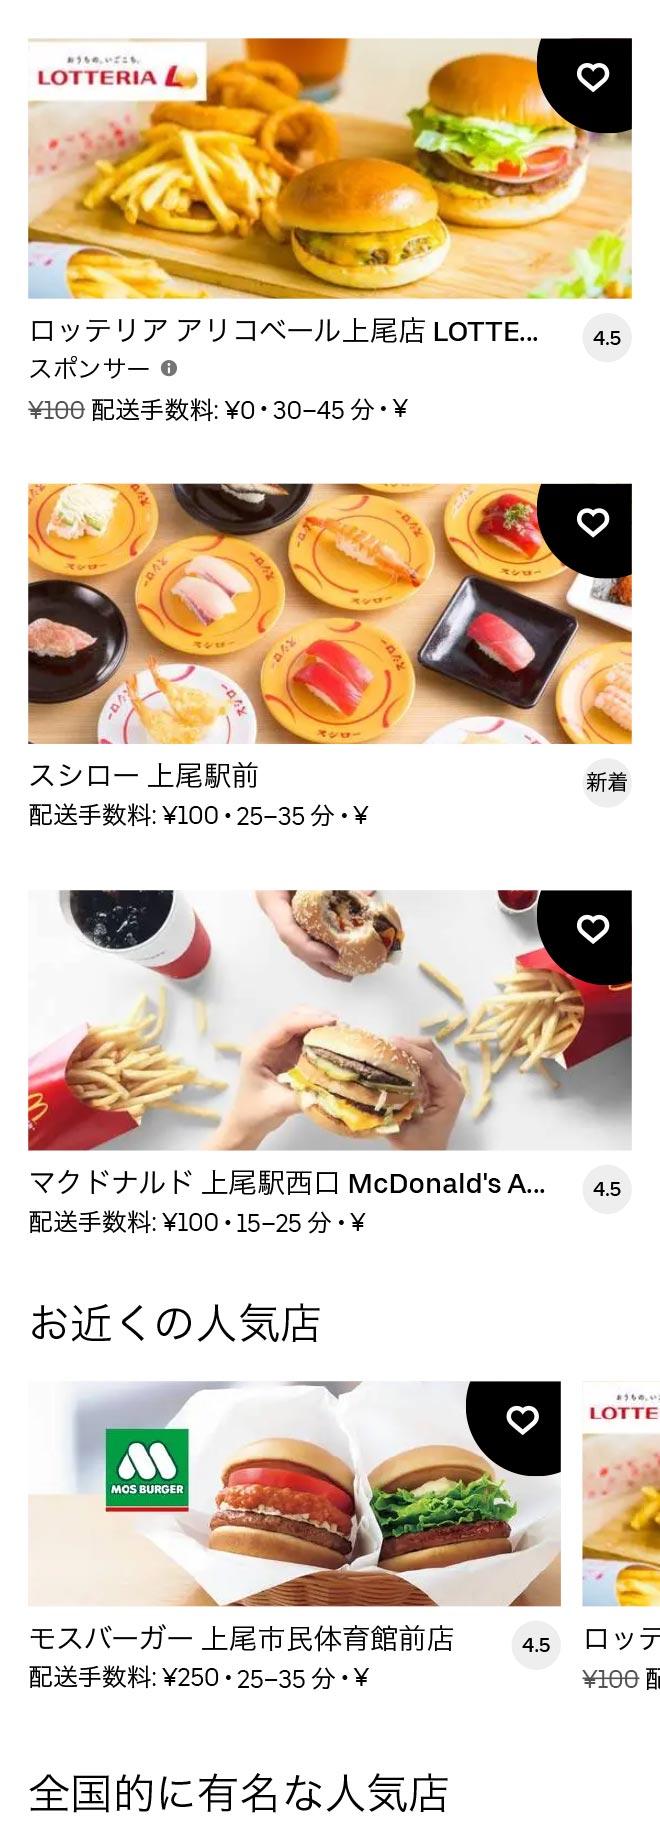 Ageo menu 2012 01